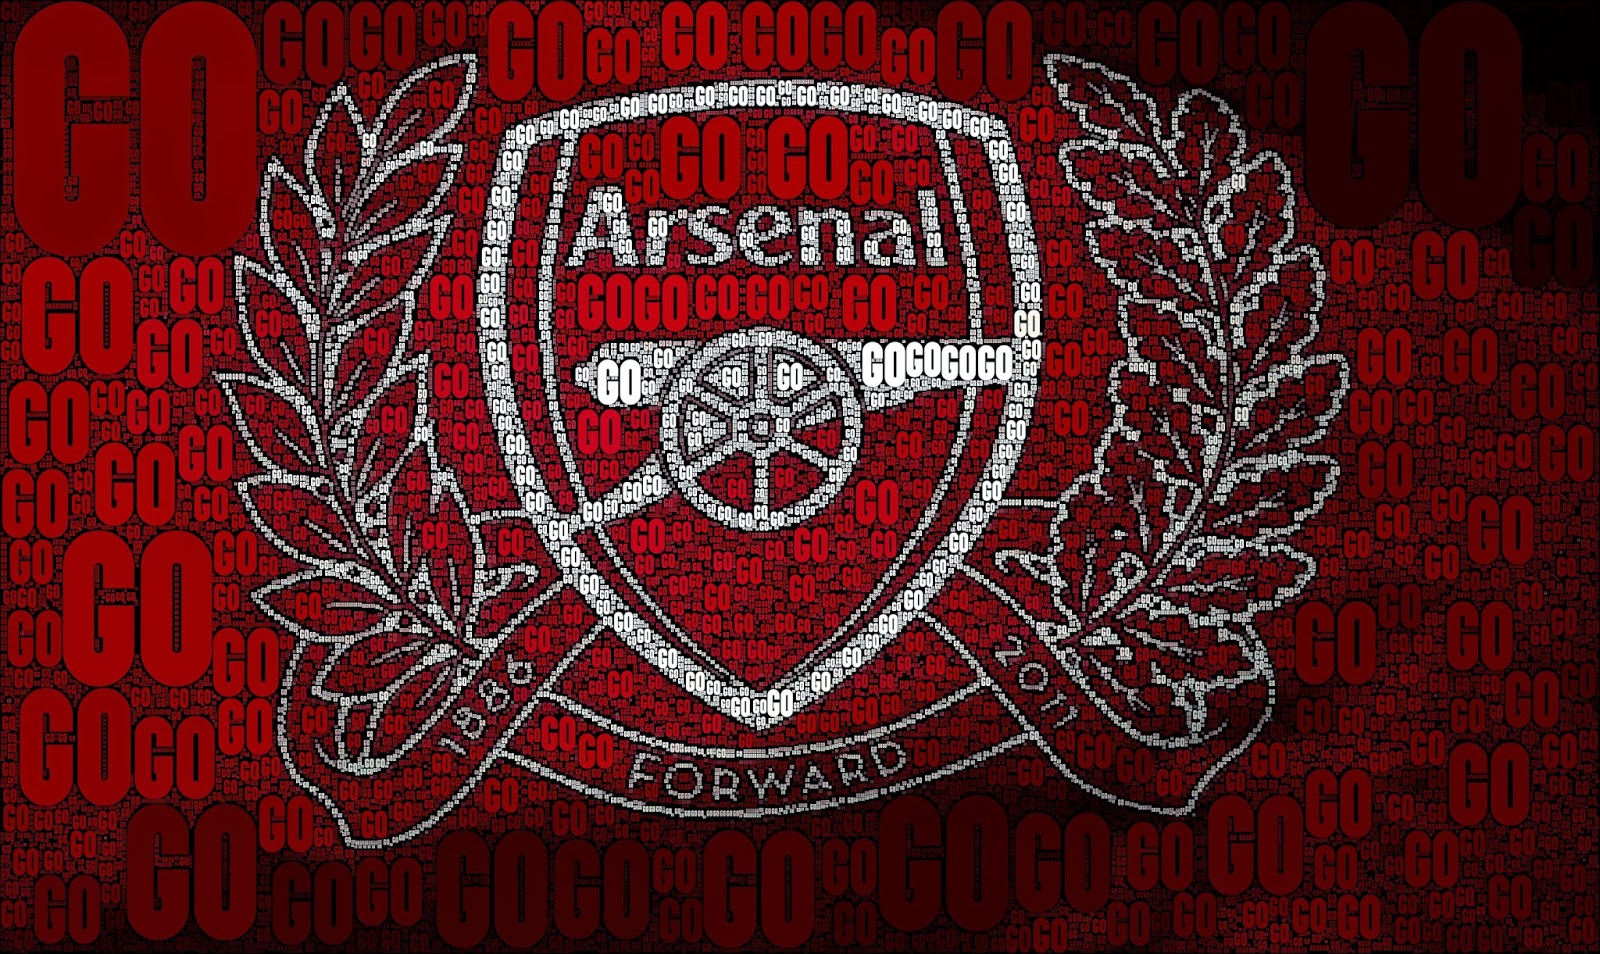 Tottenham Iphone Wallpaper Arsenal Football Club Wallpaper Football Wallpaper Hd